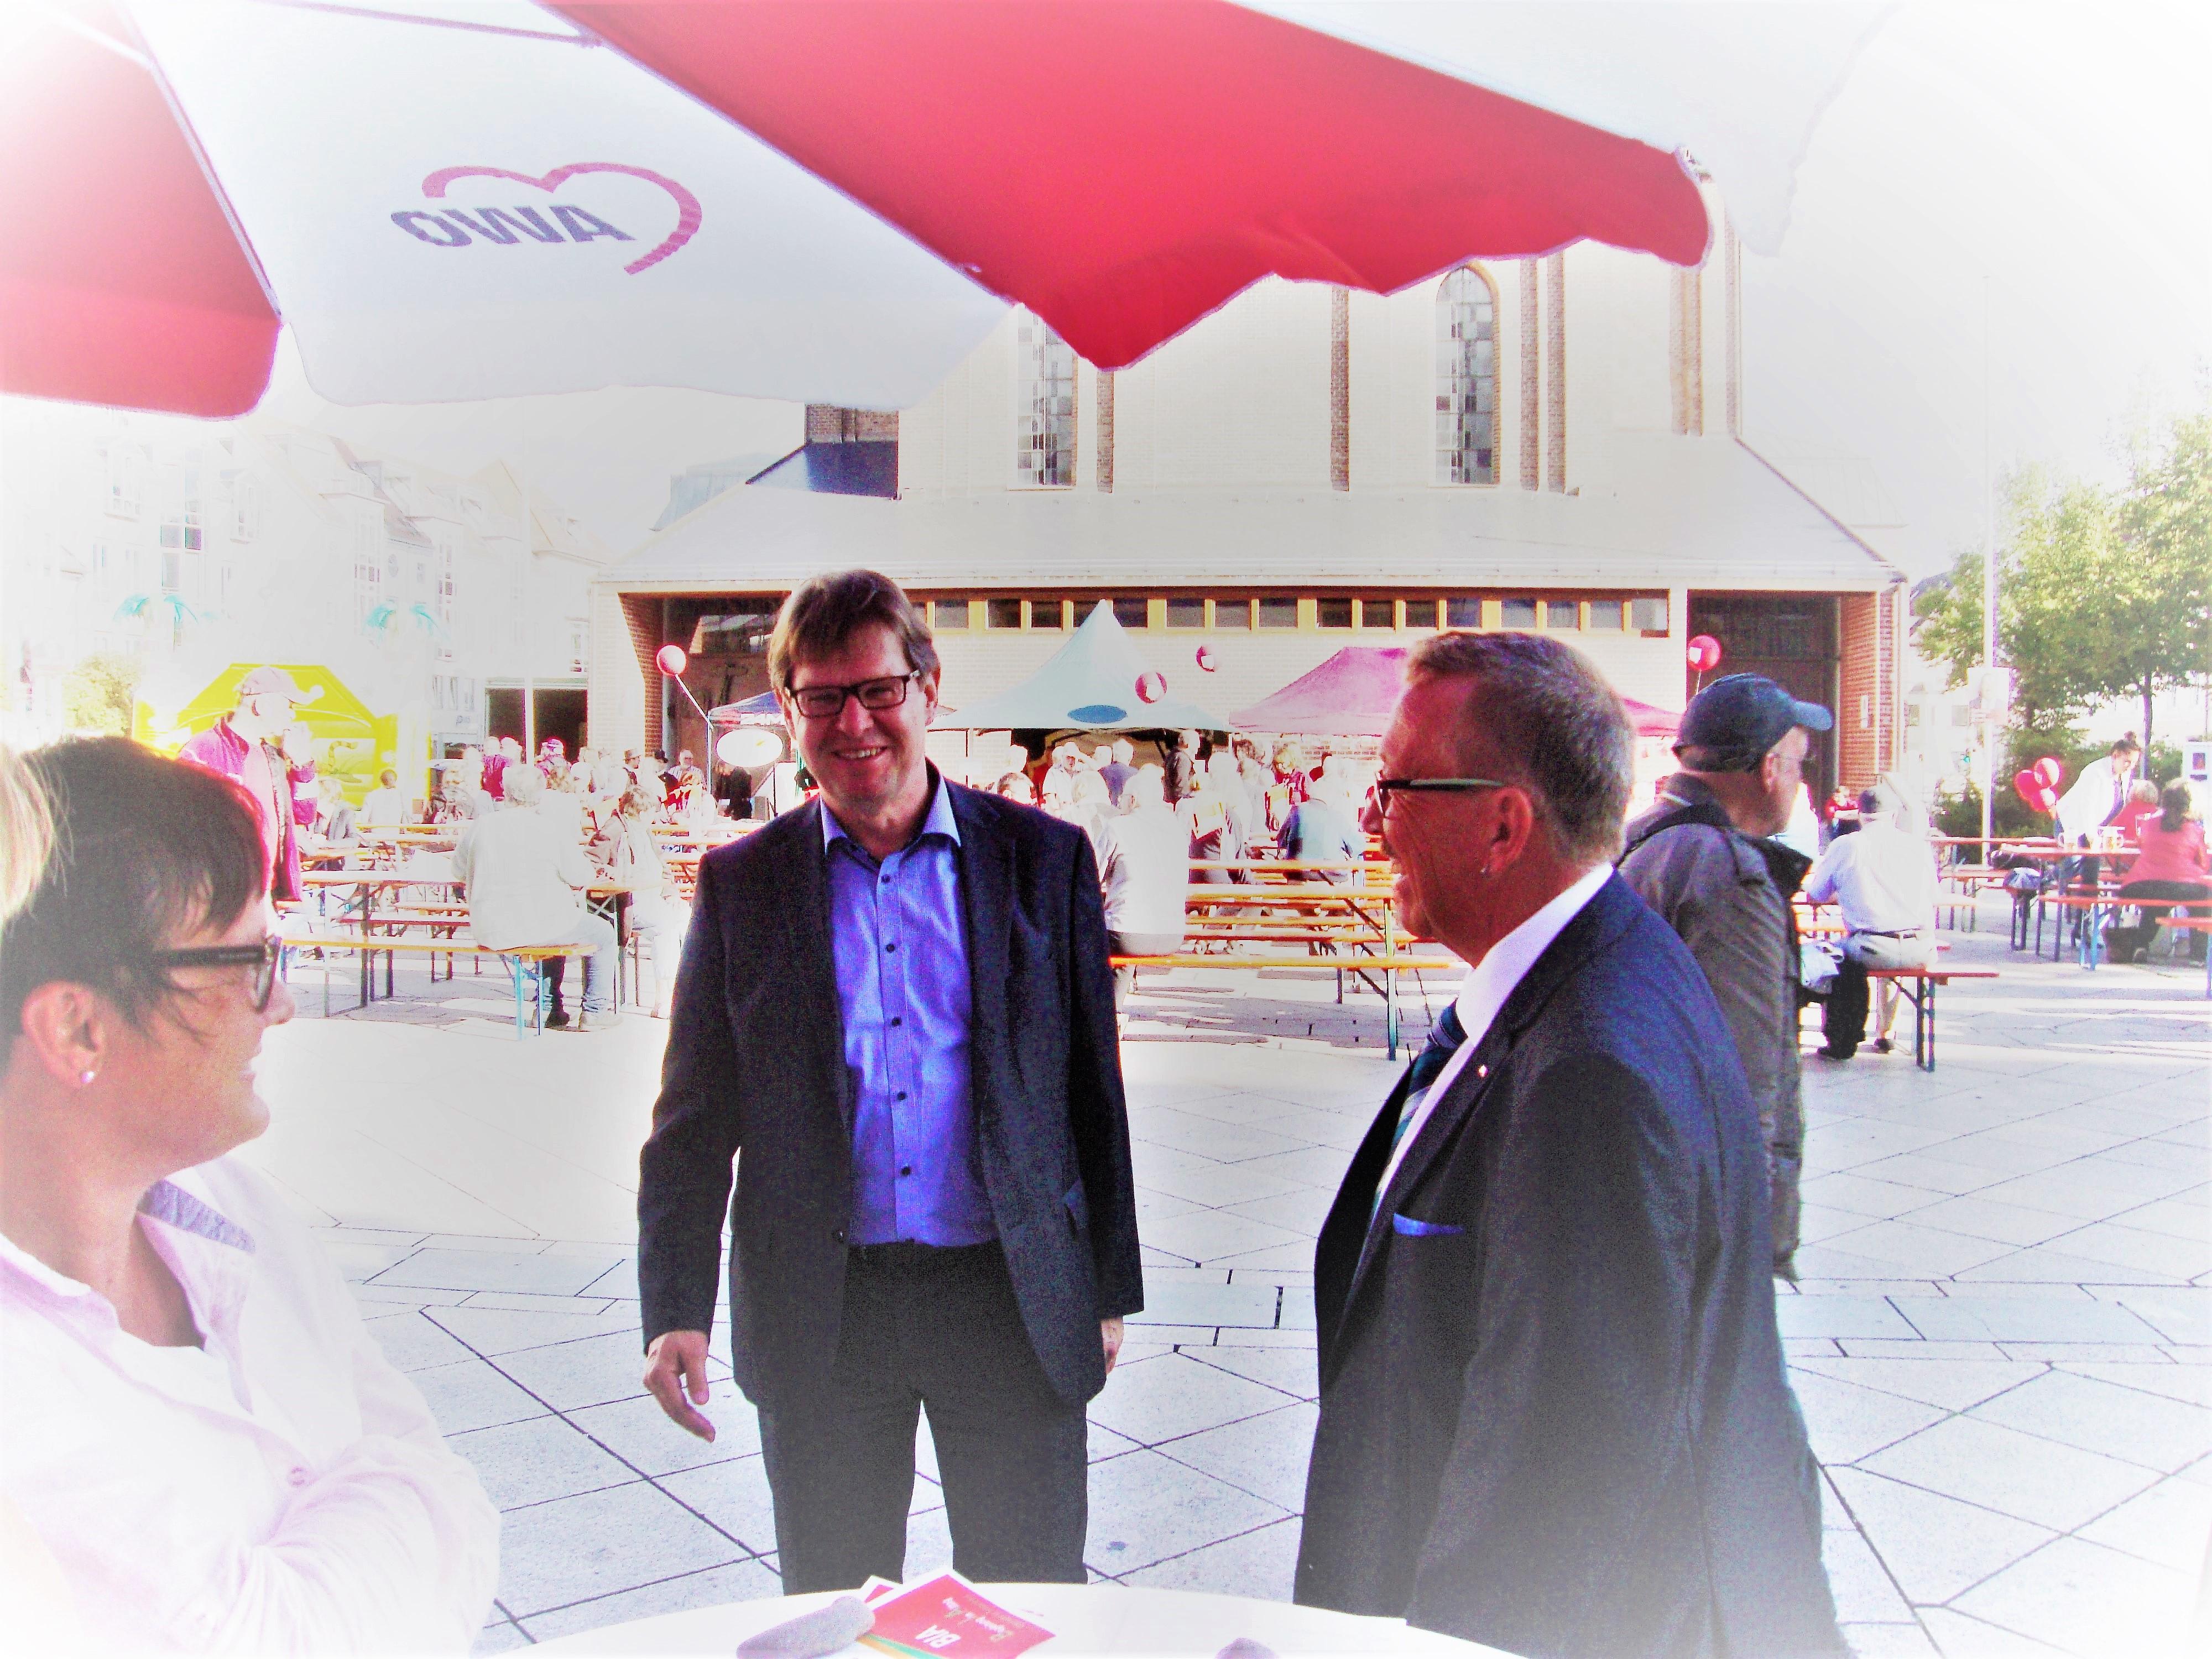 Bild mit Ralf Stegner , SPD-Vize (Mitte), MdB Dr. Karl-Heinz Brunner (rechts) und Friederike Draesner, Vorsitzende der Neu-Ulmer AWO (links)